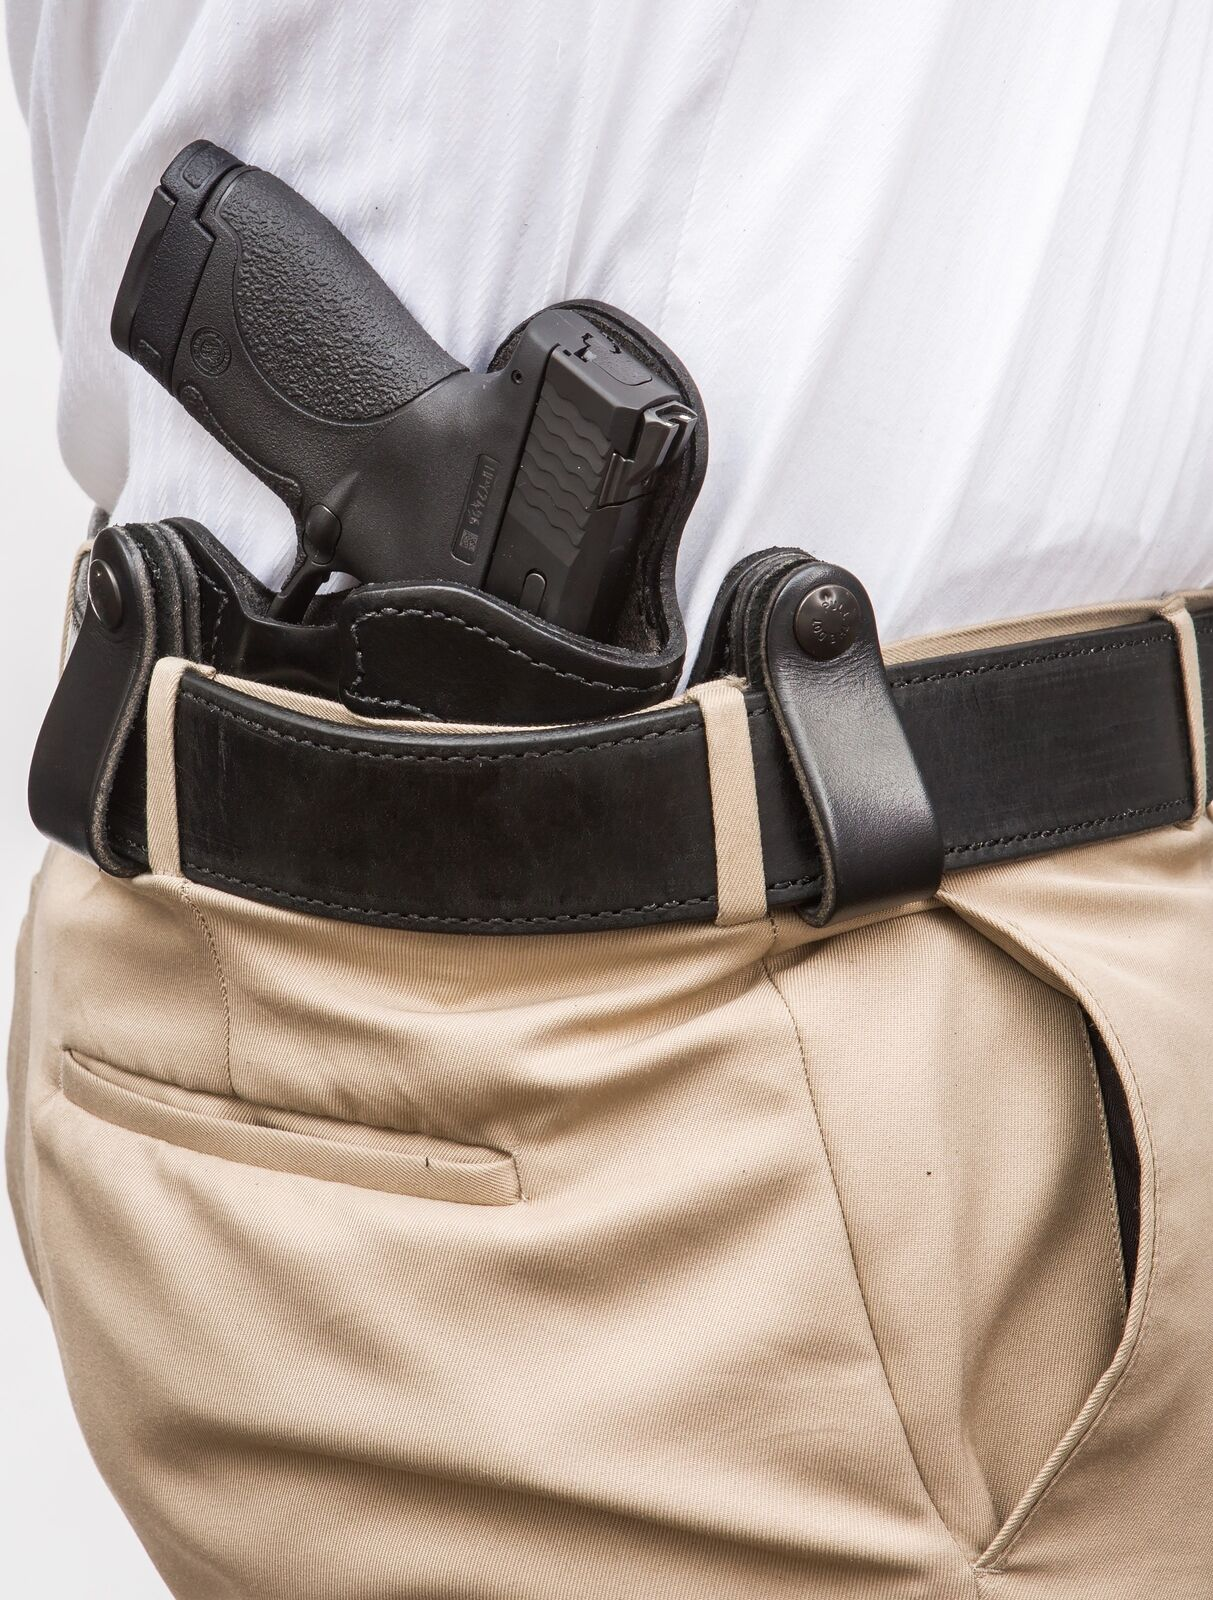 XTREME llevar RH LH dentro de de de la cintura de cuero Funda Pistola para Springfield 911 380 4c7e99